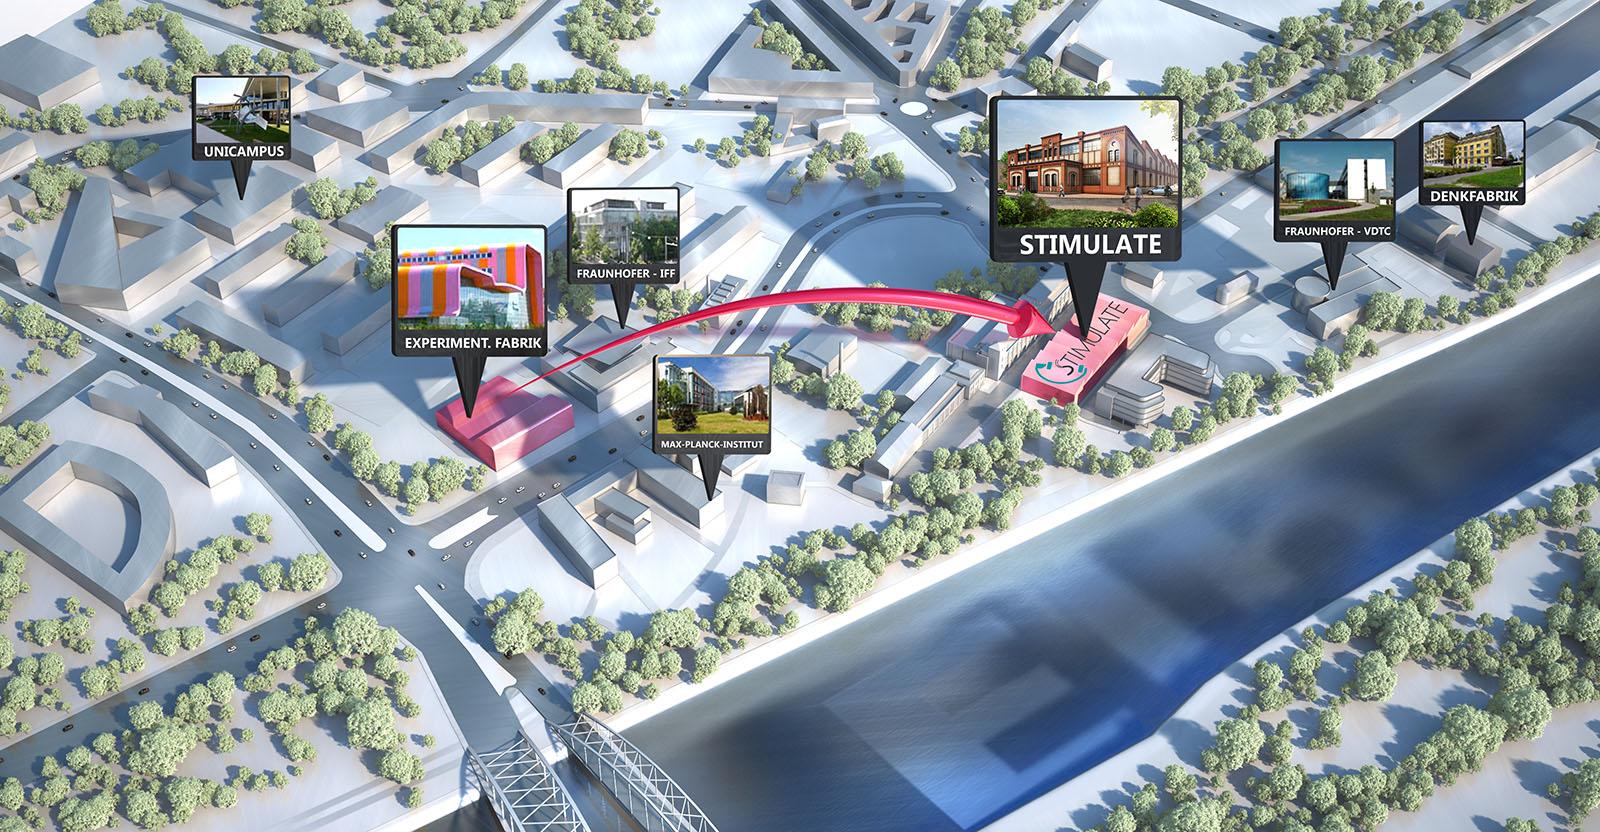 Forschungscampus Stimulate - Architekturvisualisierung  Aussen